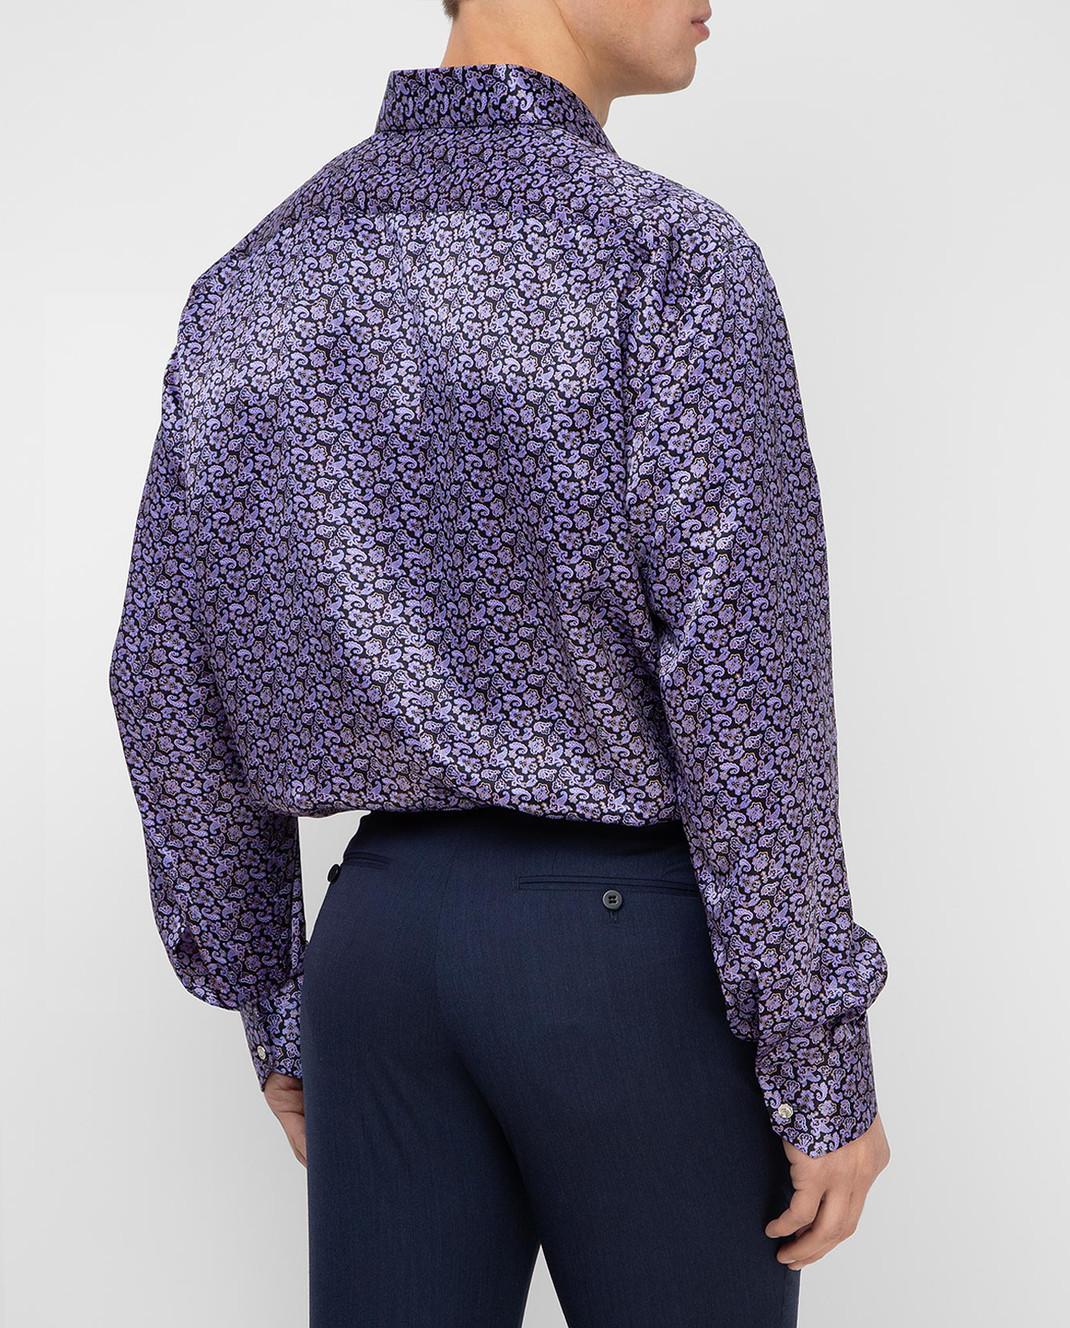 Stefano Ricci Рубашка из шелка SP002053 изображение 4